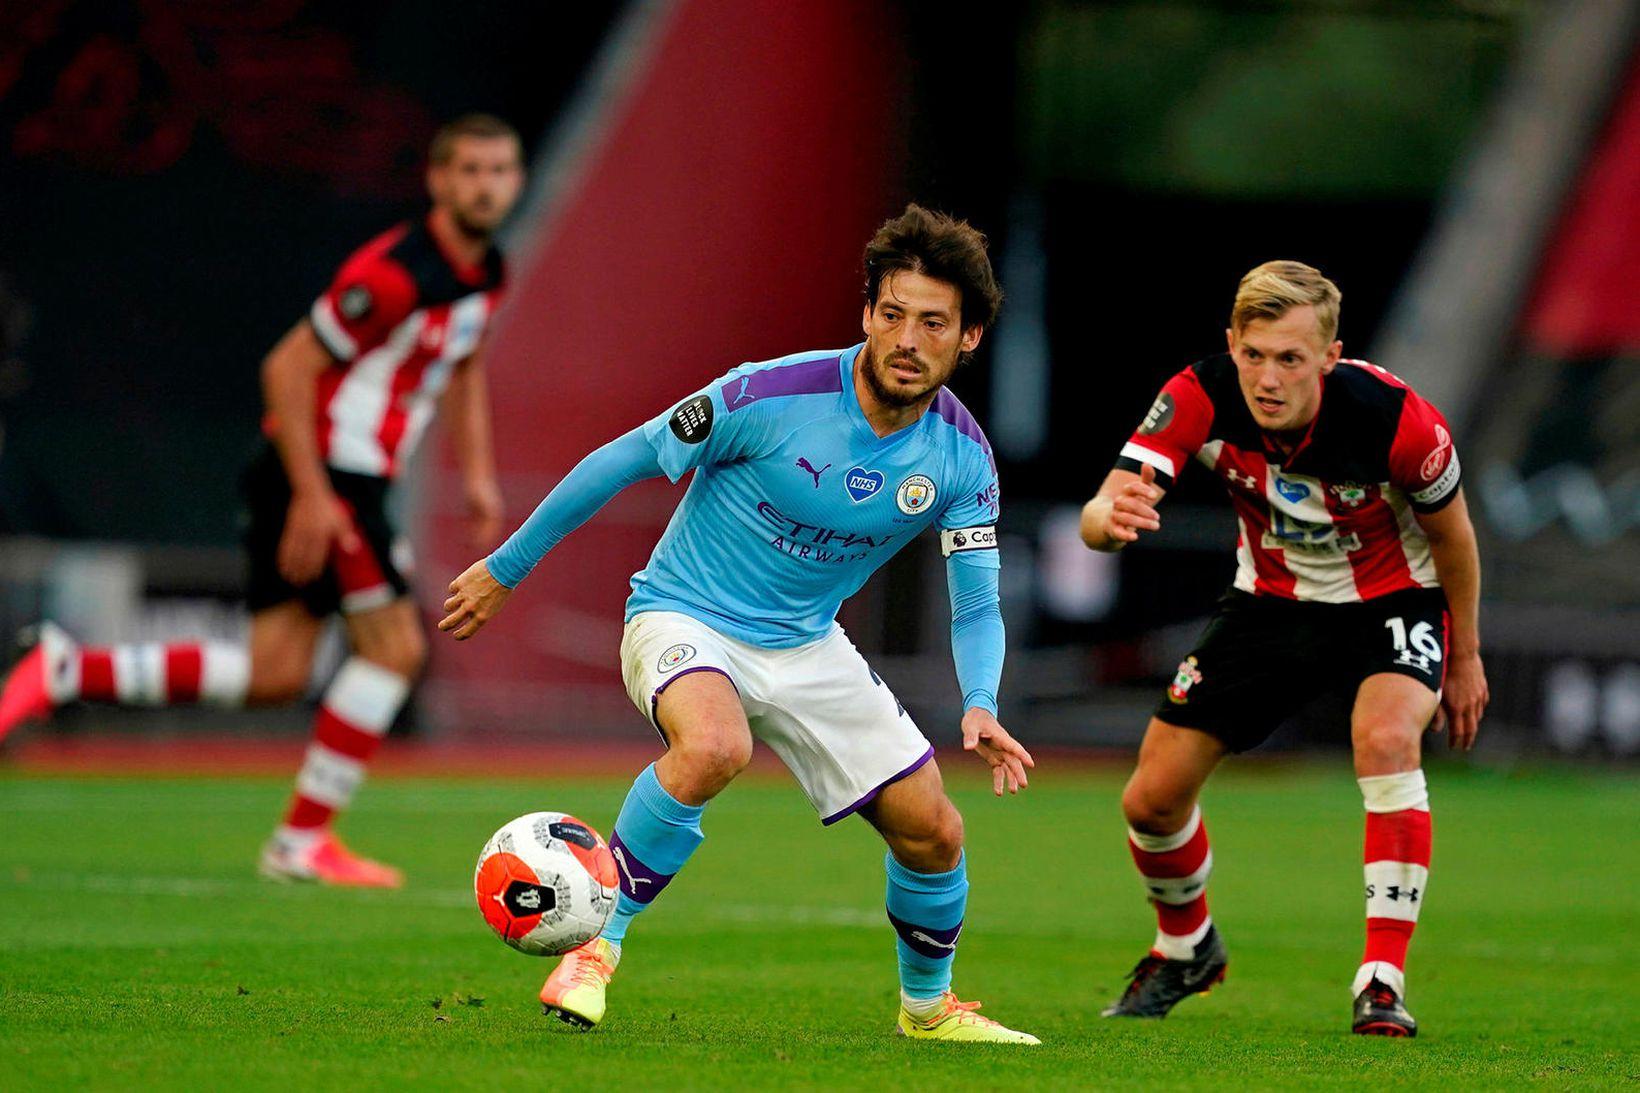 Manchester City tapaði stigum í gær.